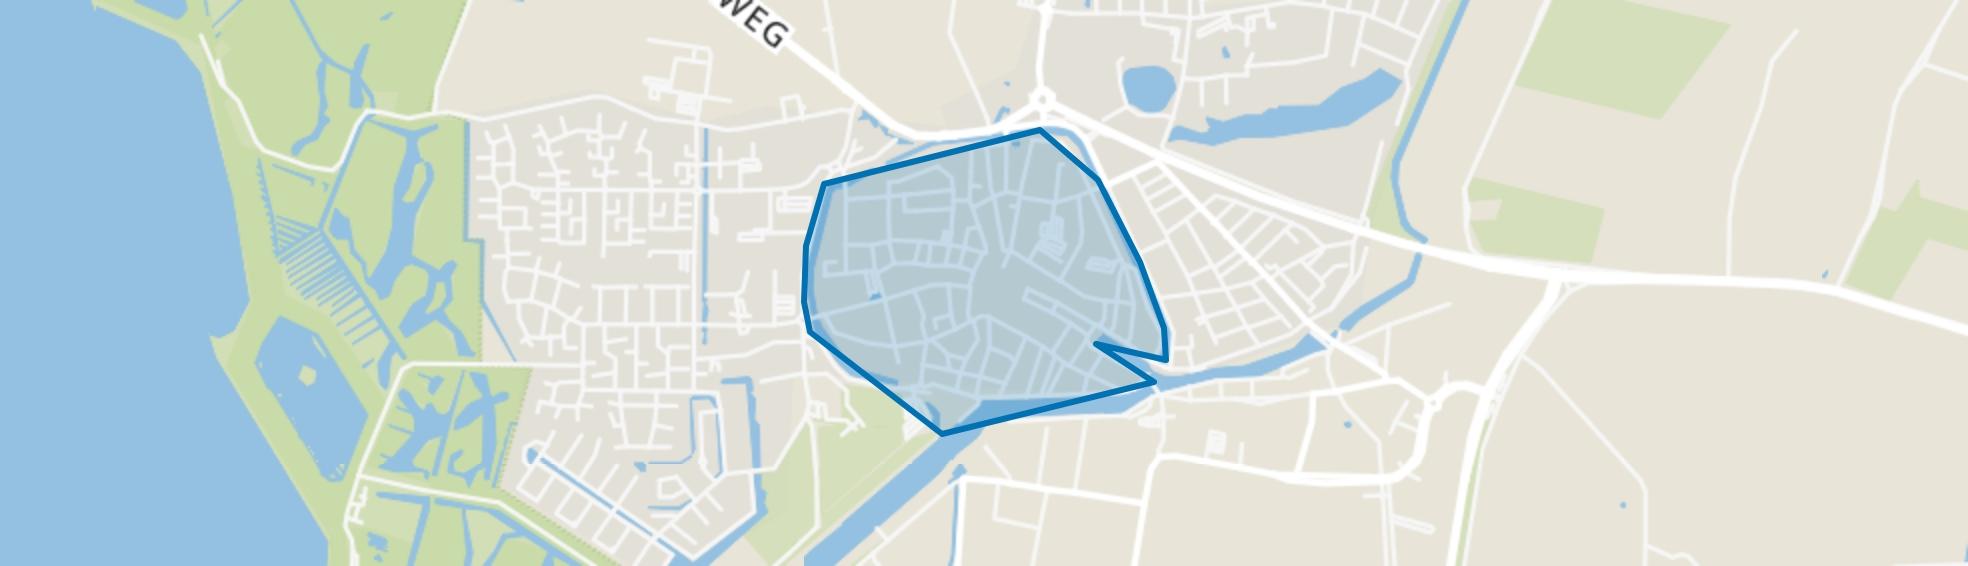 Zierikzee binnen de vesten, Zierikzee map